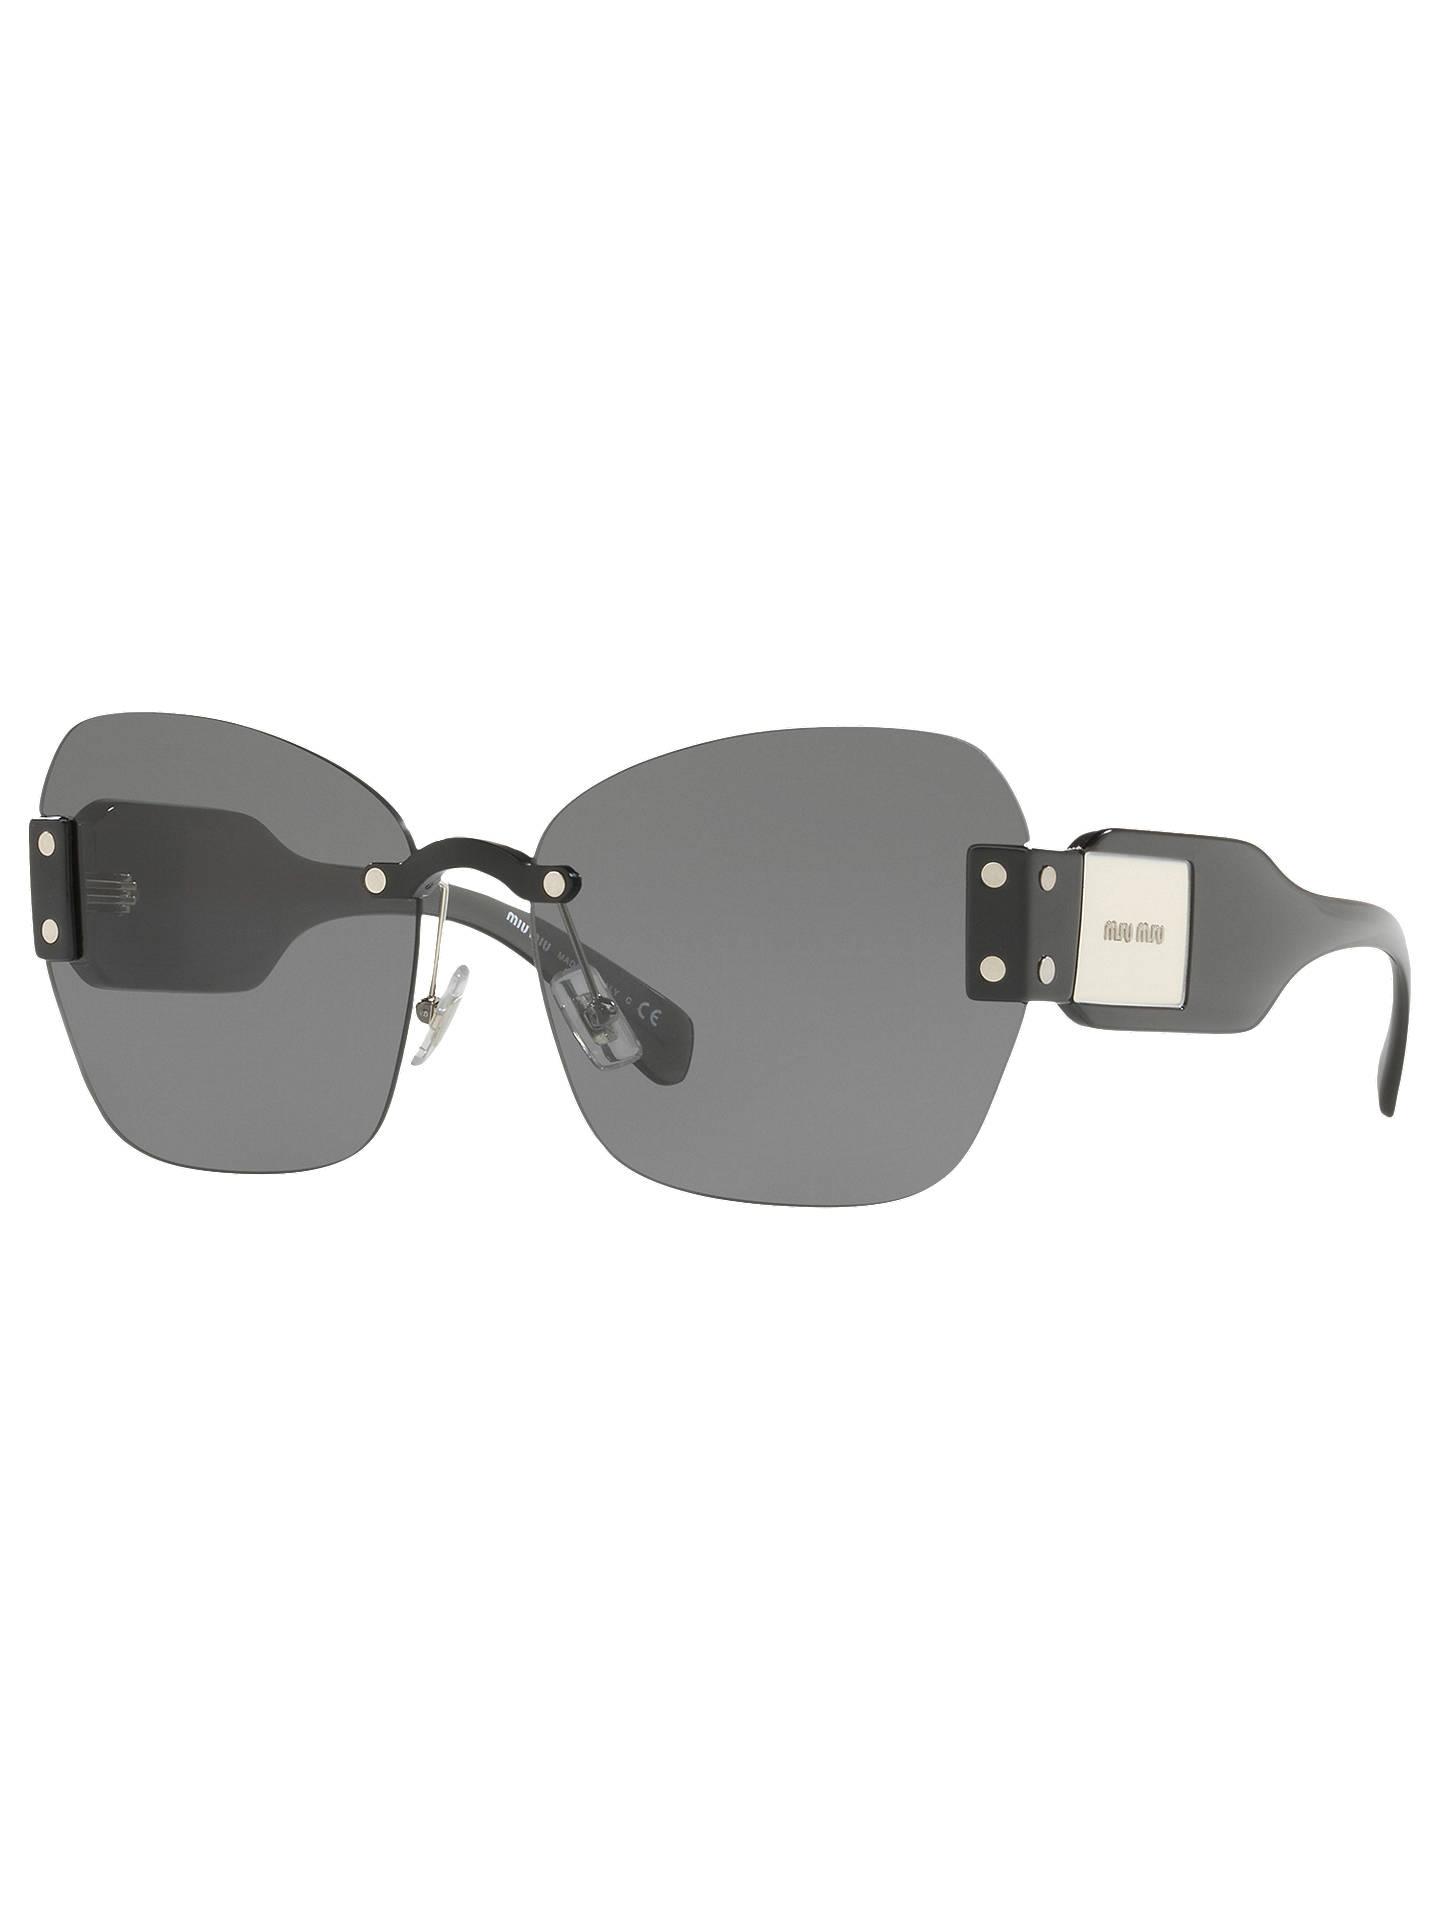 99fa0ddecf91 Miu Miu MU 08SS Oversize Cat s Eye Sunglasses at John Lewis   Partners